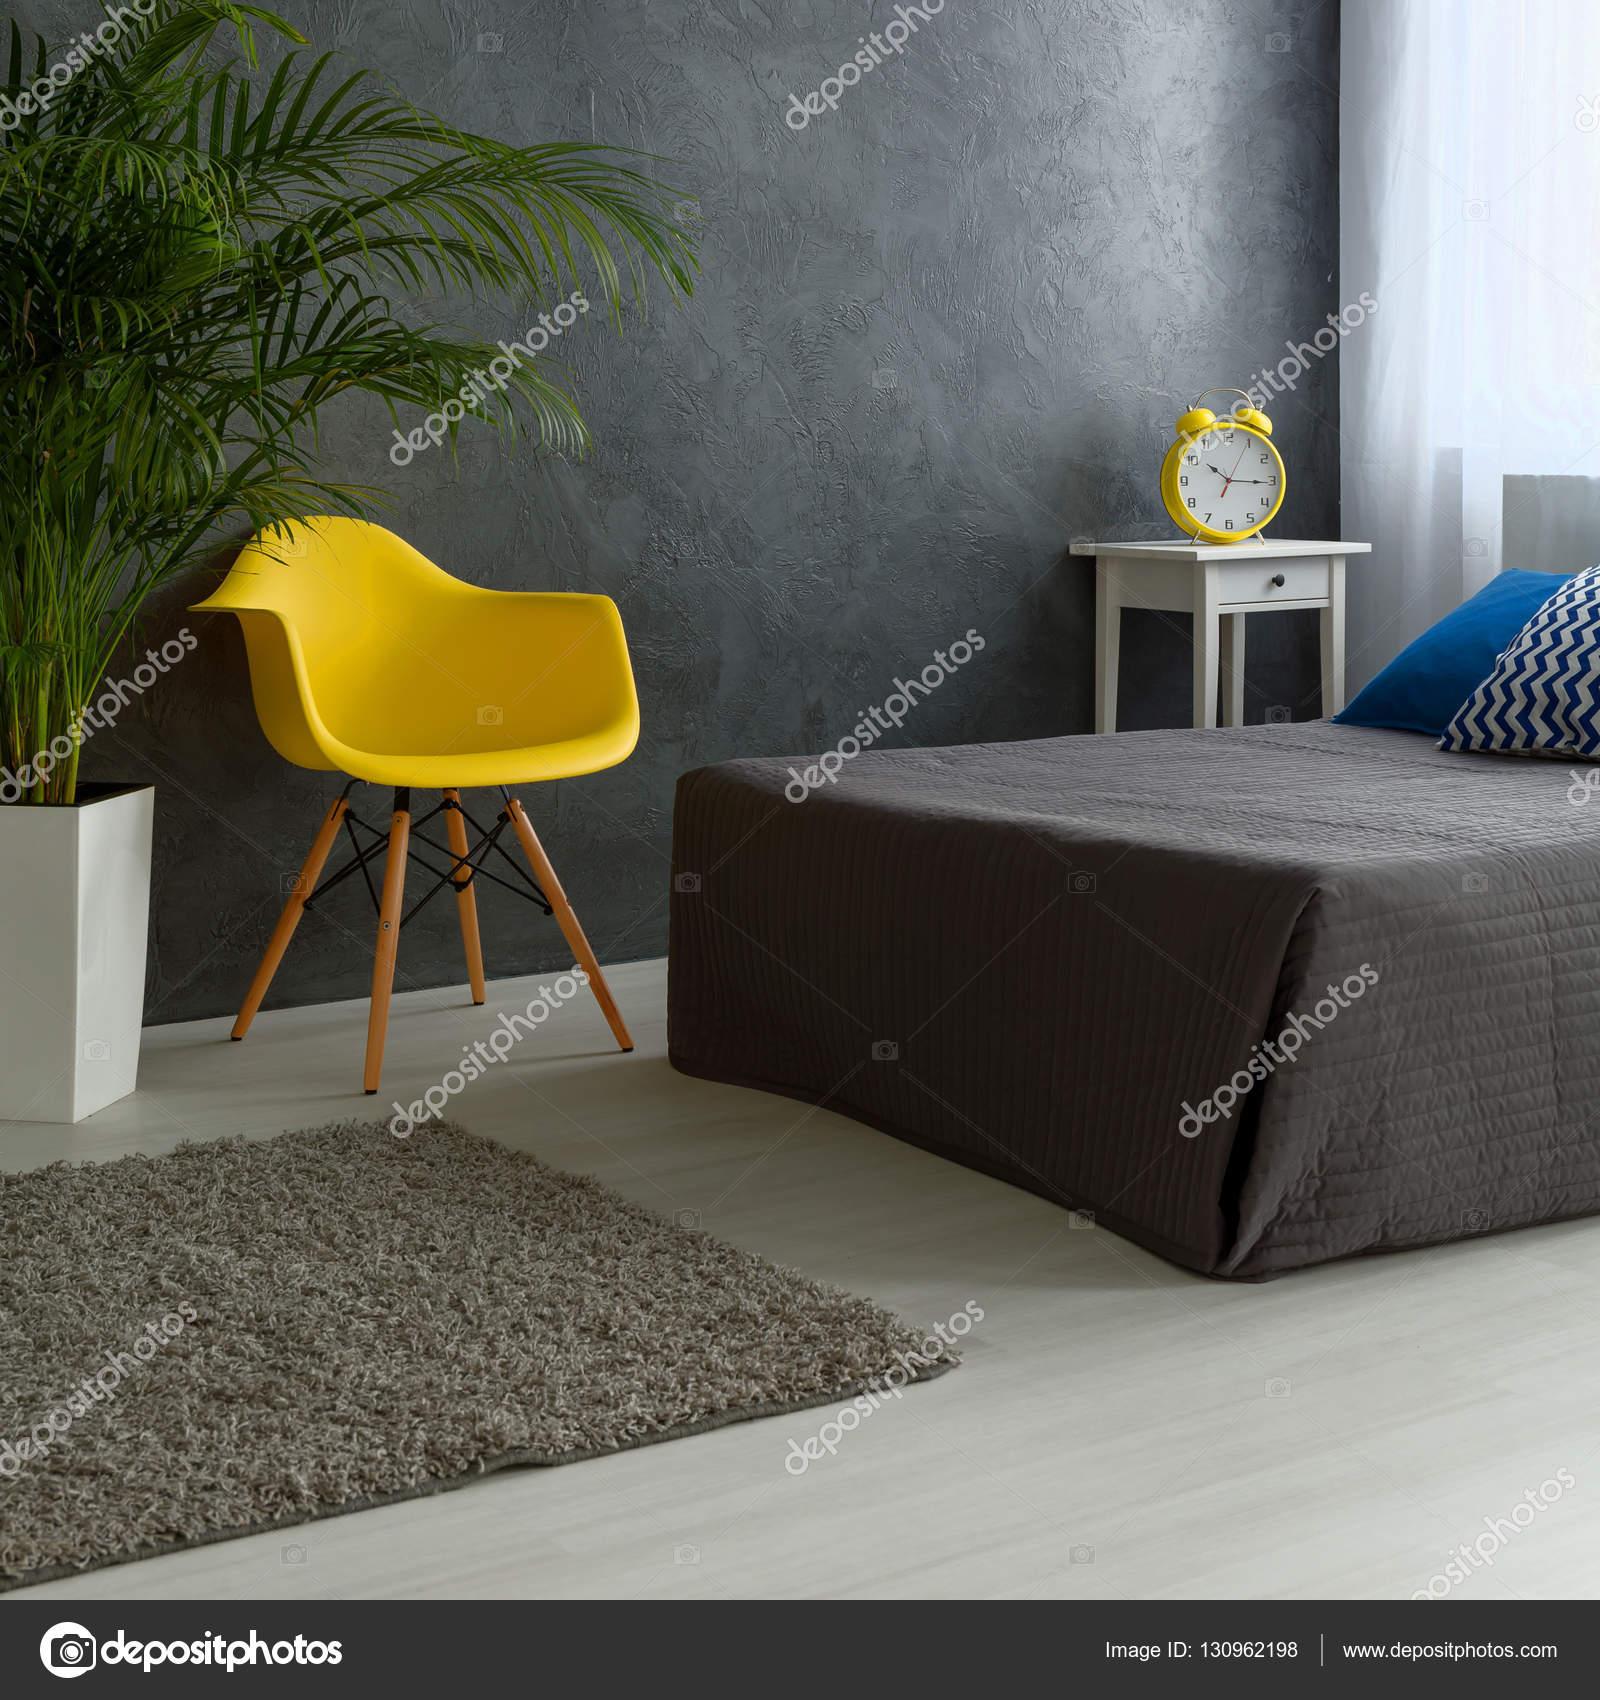 Camera da letto grigio con sedia gialla — Foto Stock ...